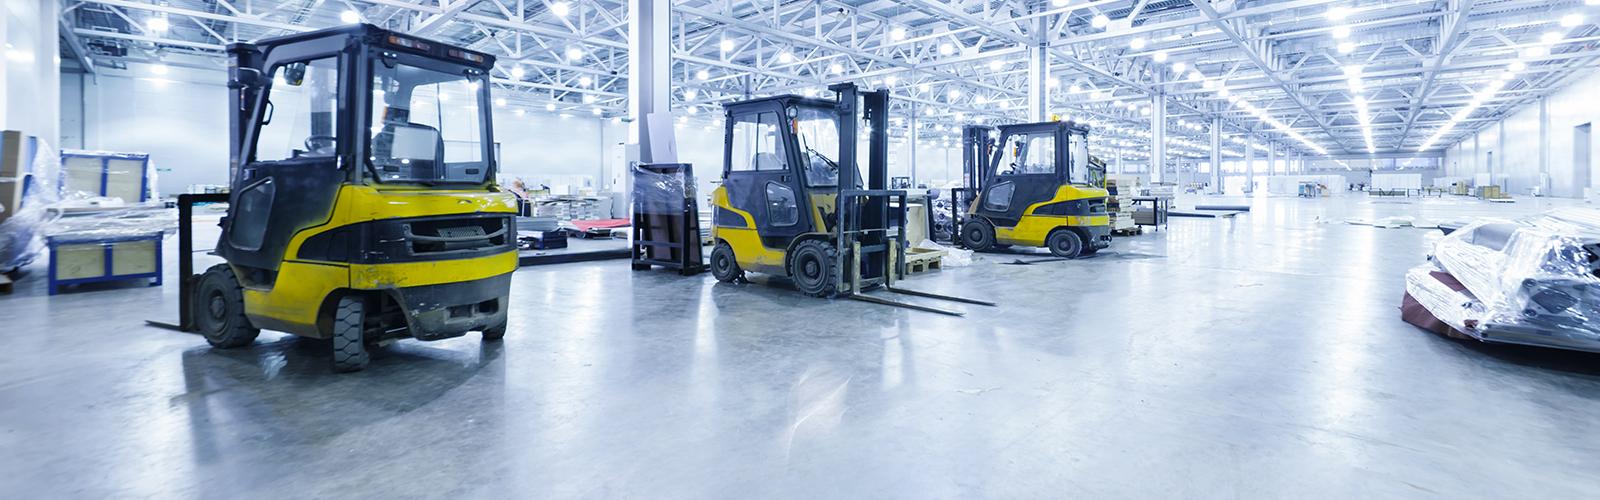 Concrete floor care spartan chemical for Concrete floor maintenance